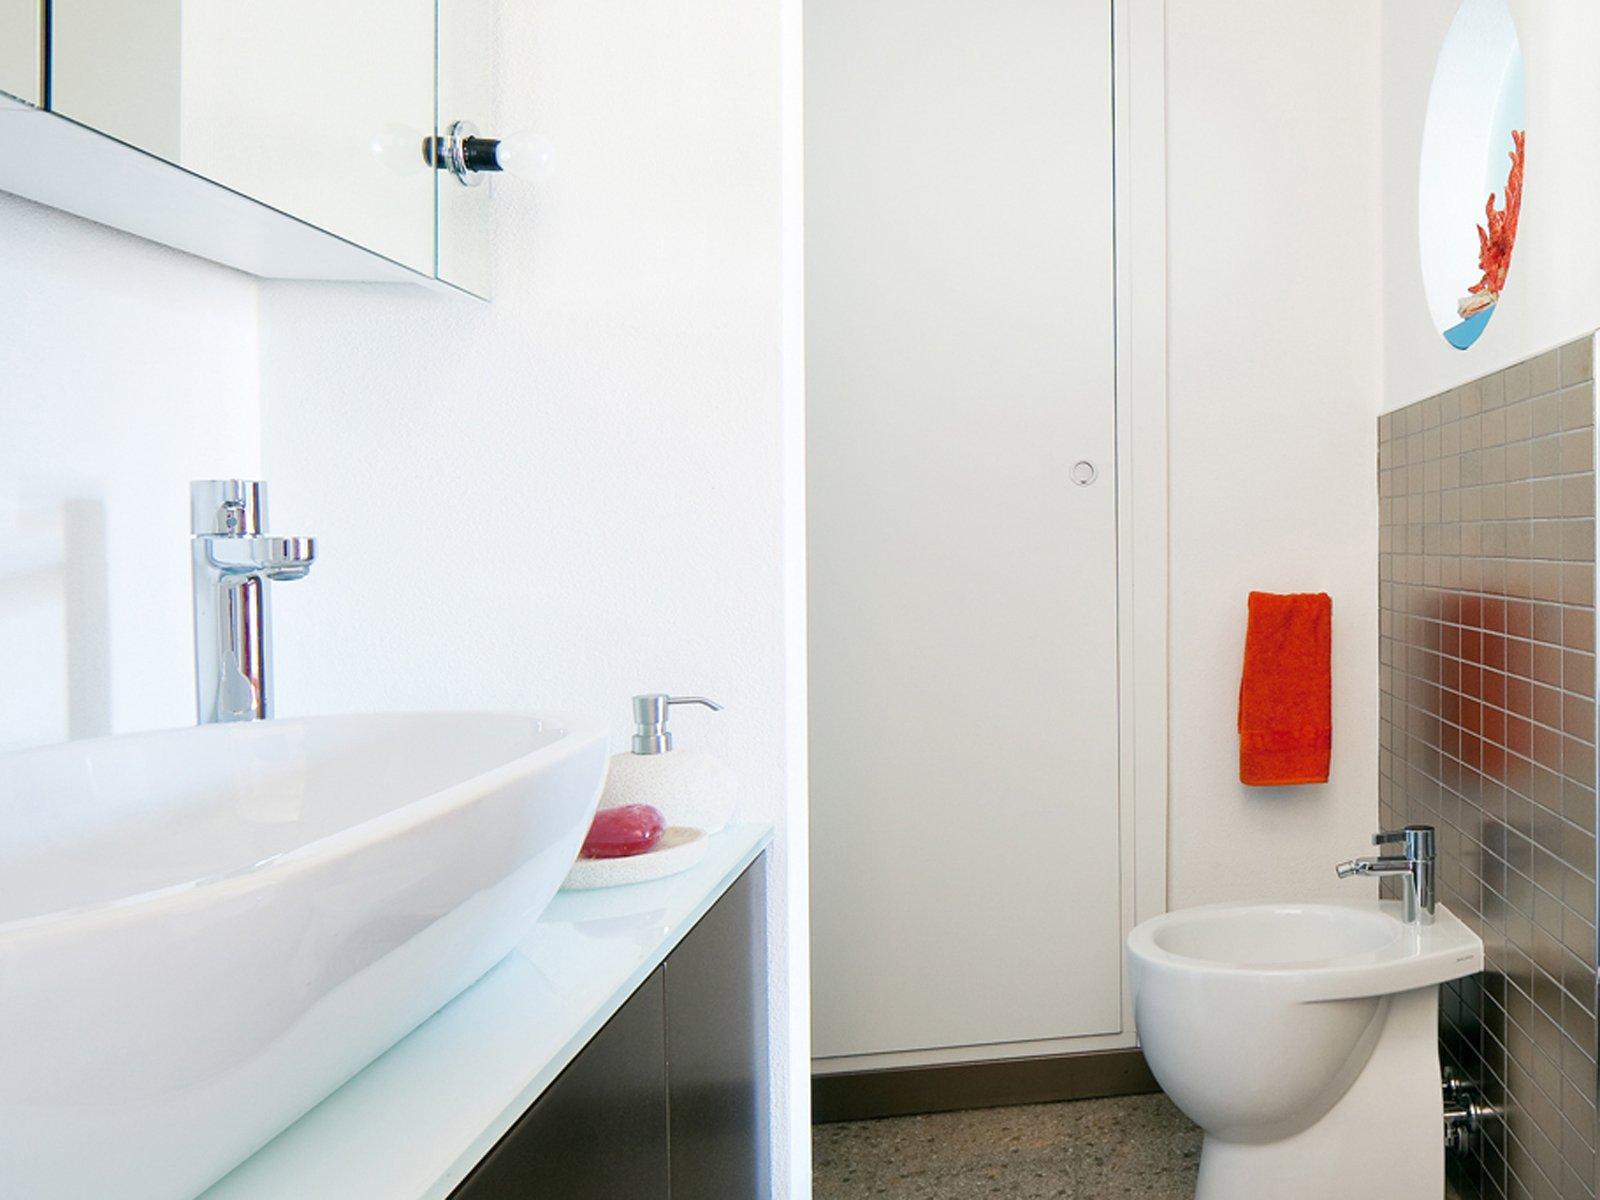 Vasca Da Bagno Verticale : L impianto elettrico in bagno cose di casa